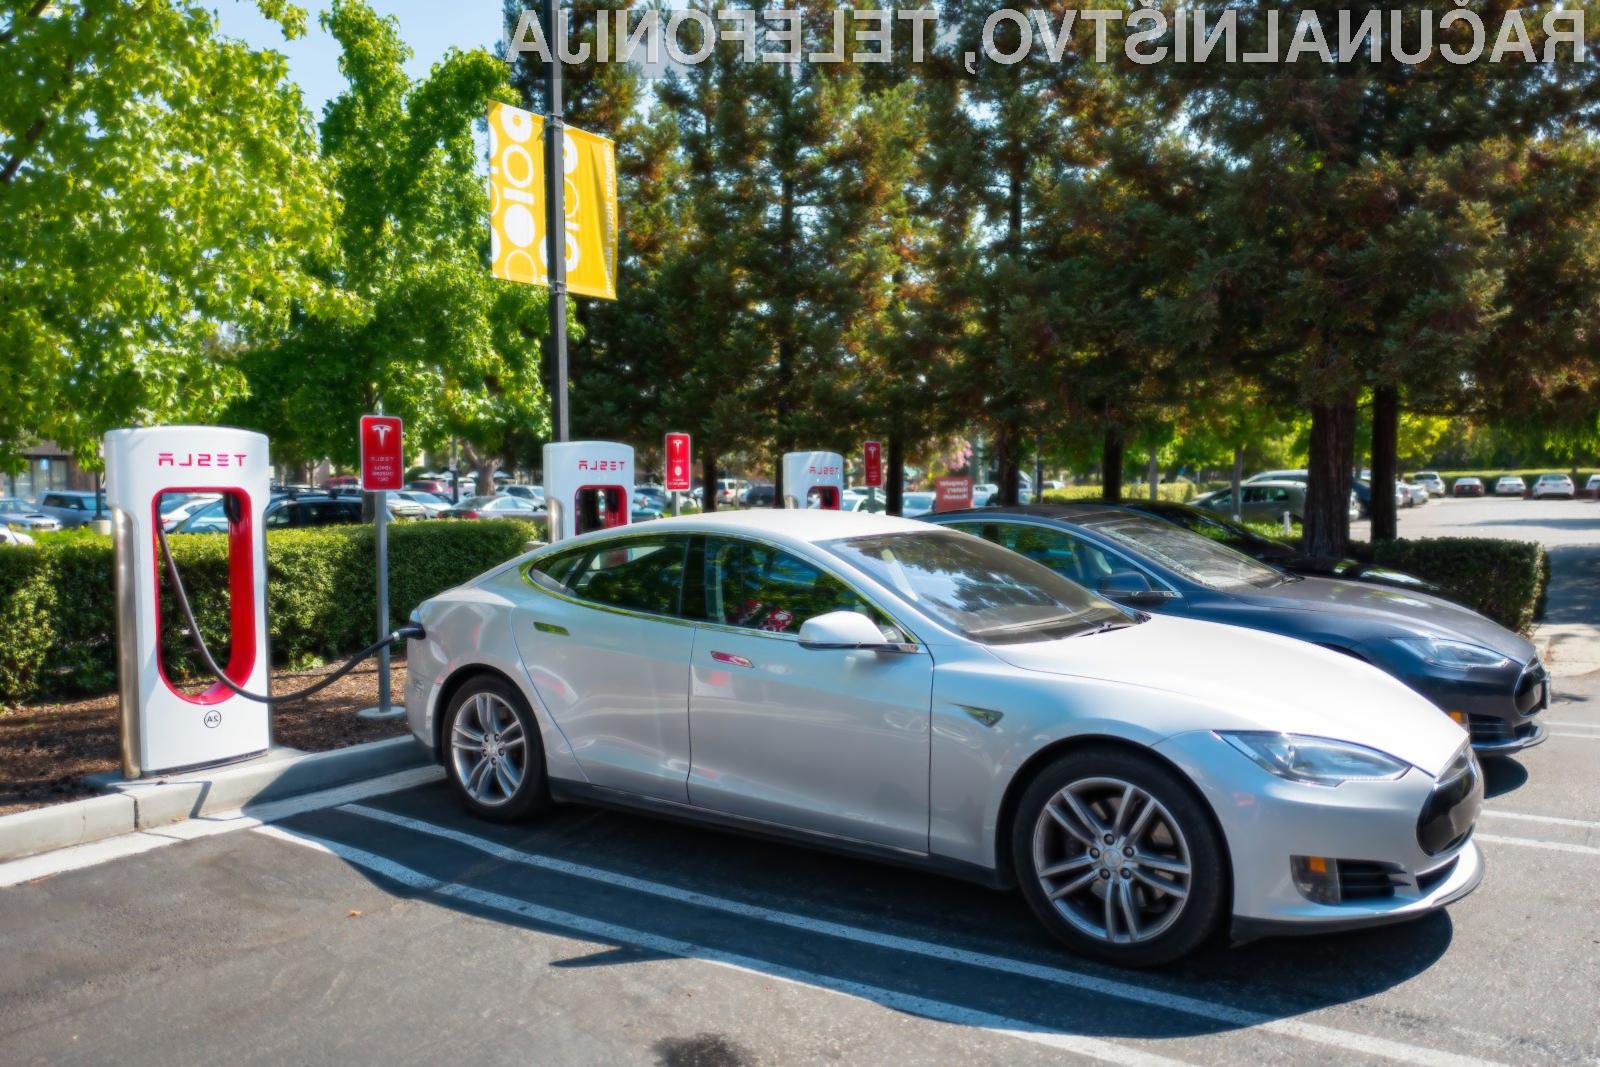 Povsem izpraznjeno baterijo električnega avtomobila naj bi povsem napolnili v pičlih petih minutah.